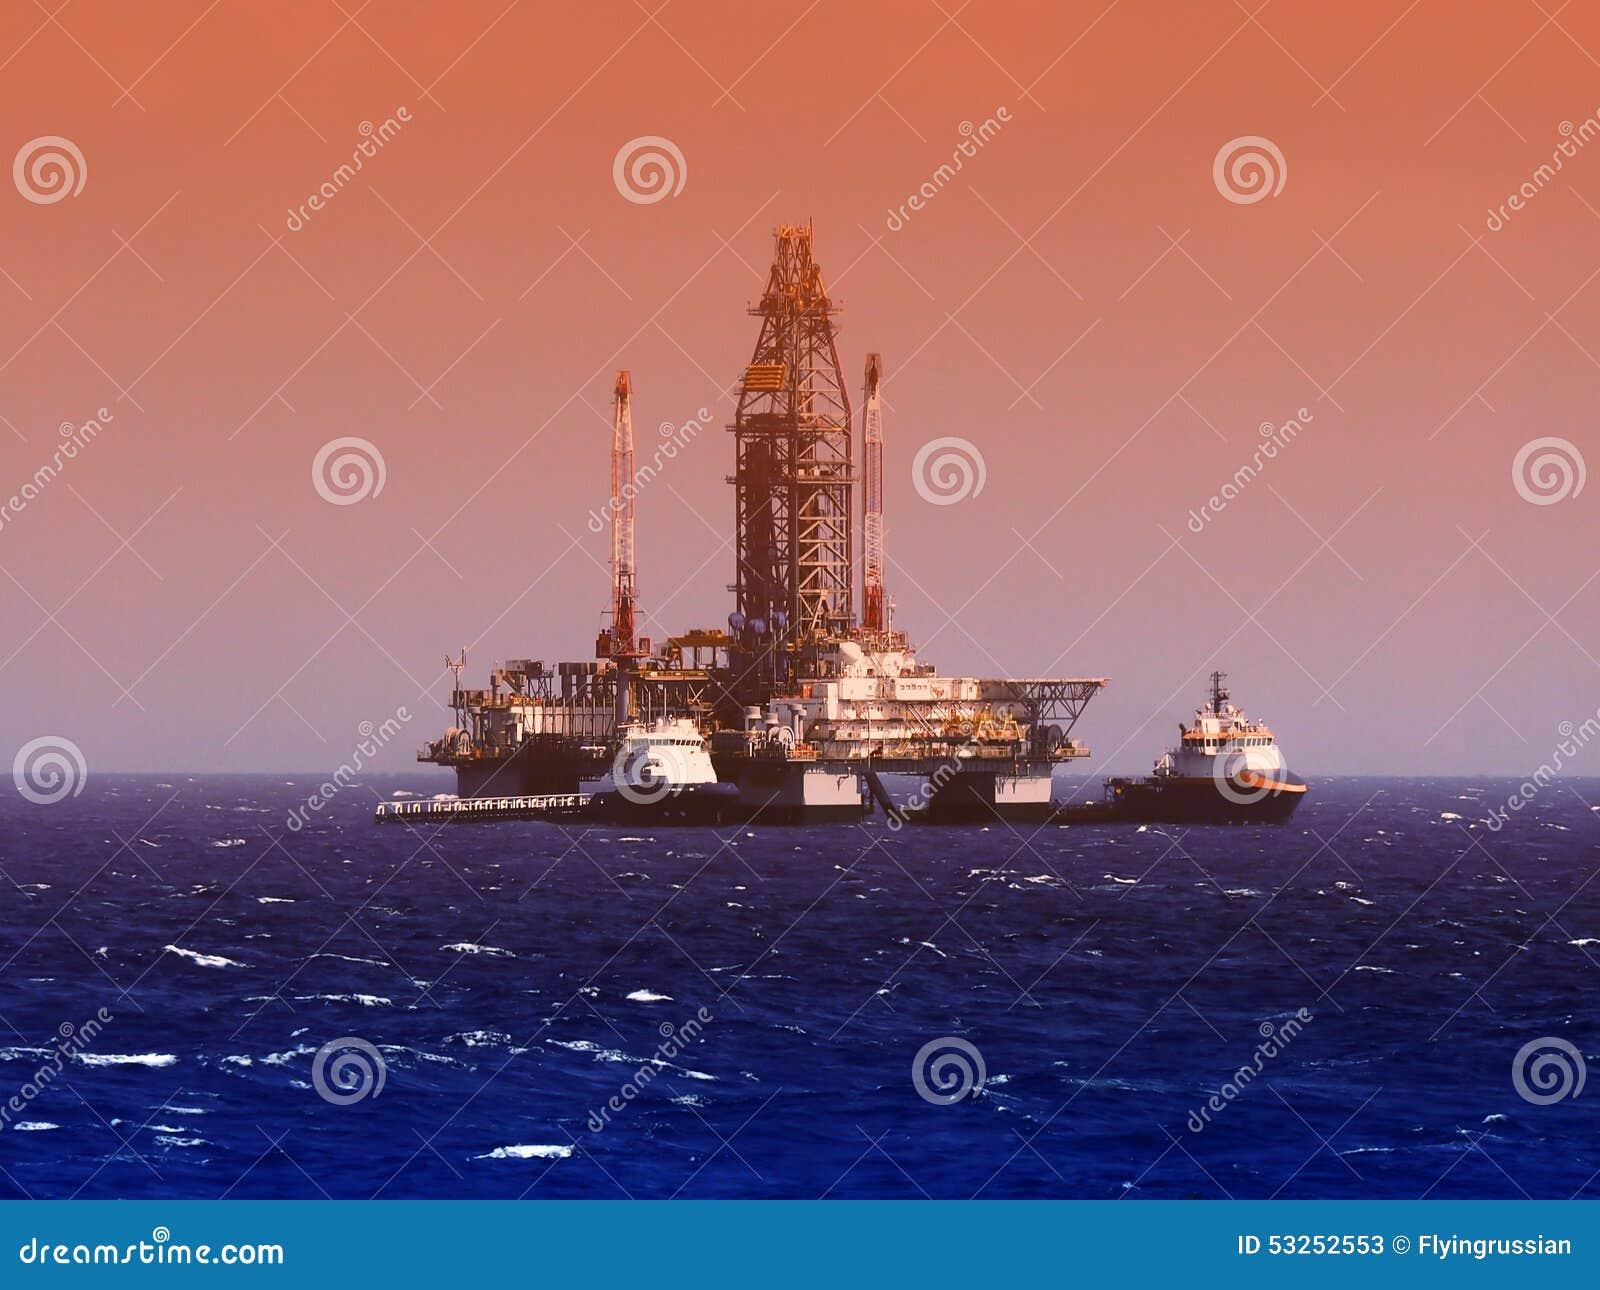 Plataforma de perfuração do petróleo e gás ou equipamento a pouca distância do mar, Golfo do México